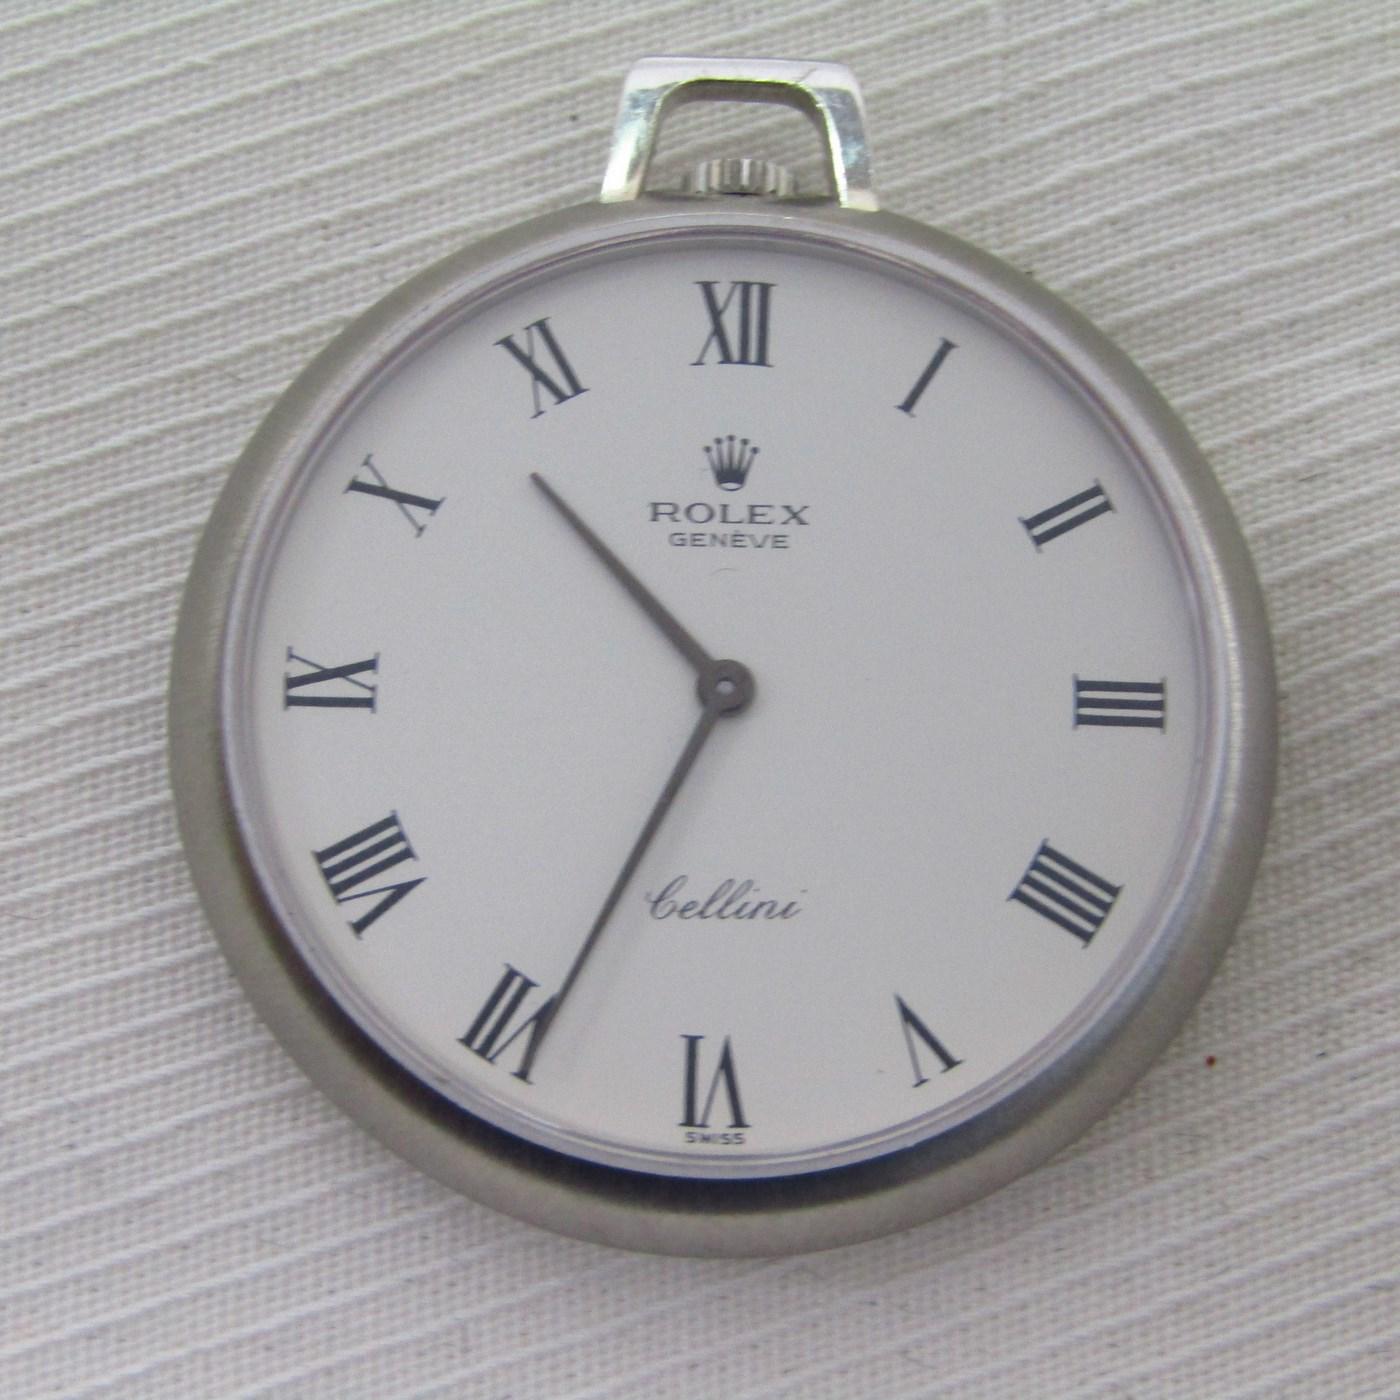 ROLEX Cellini. Reloj de Bolsillo, lepine y remontoir.